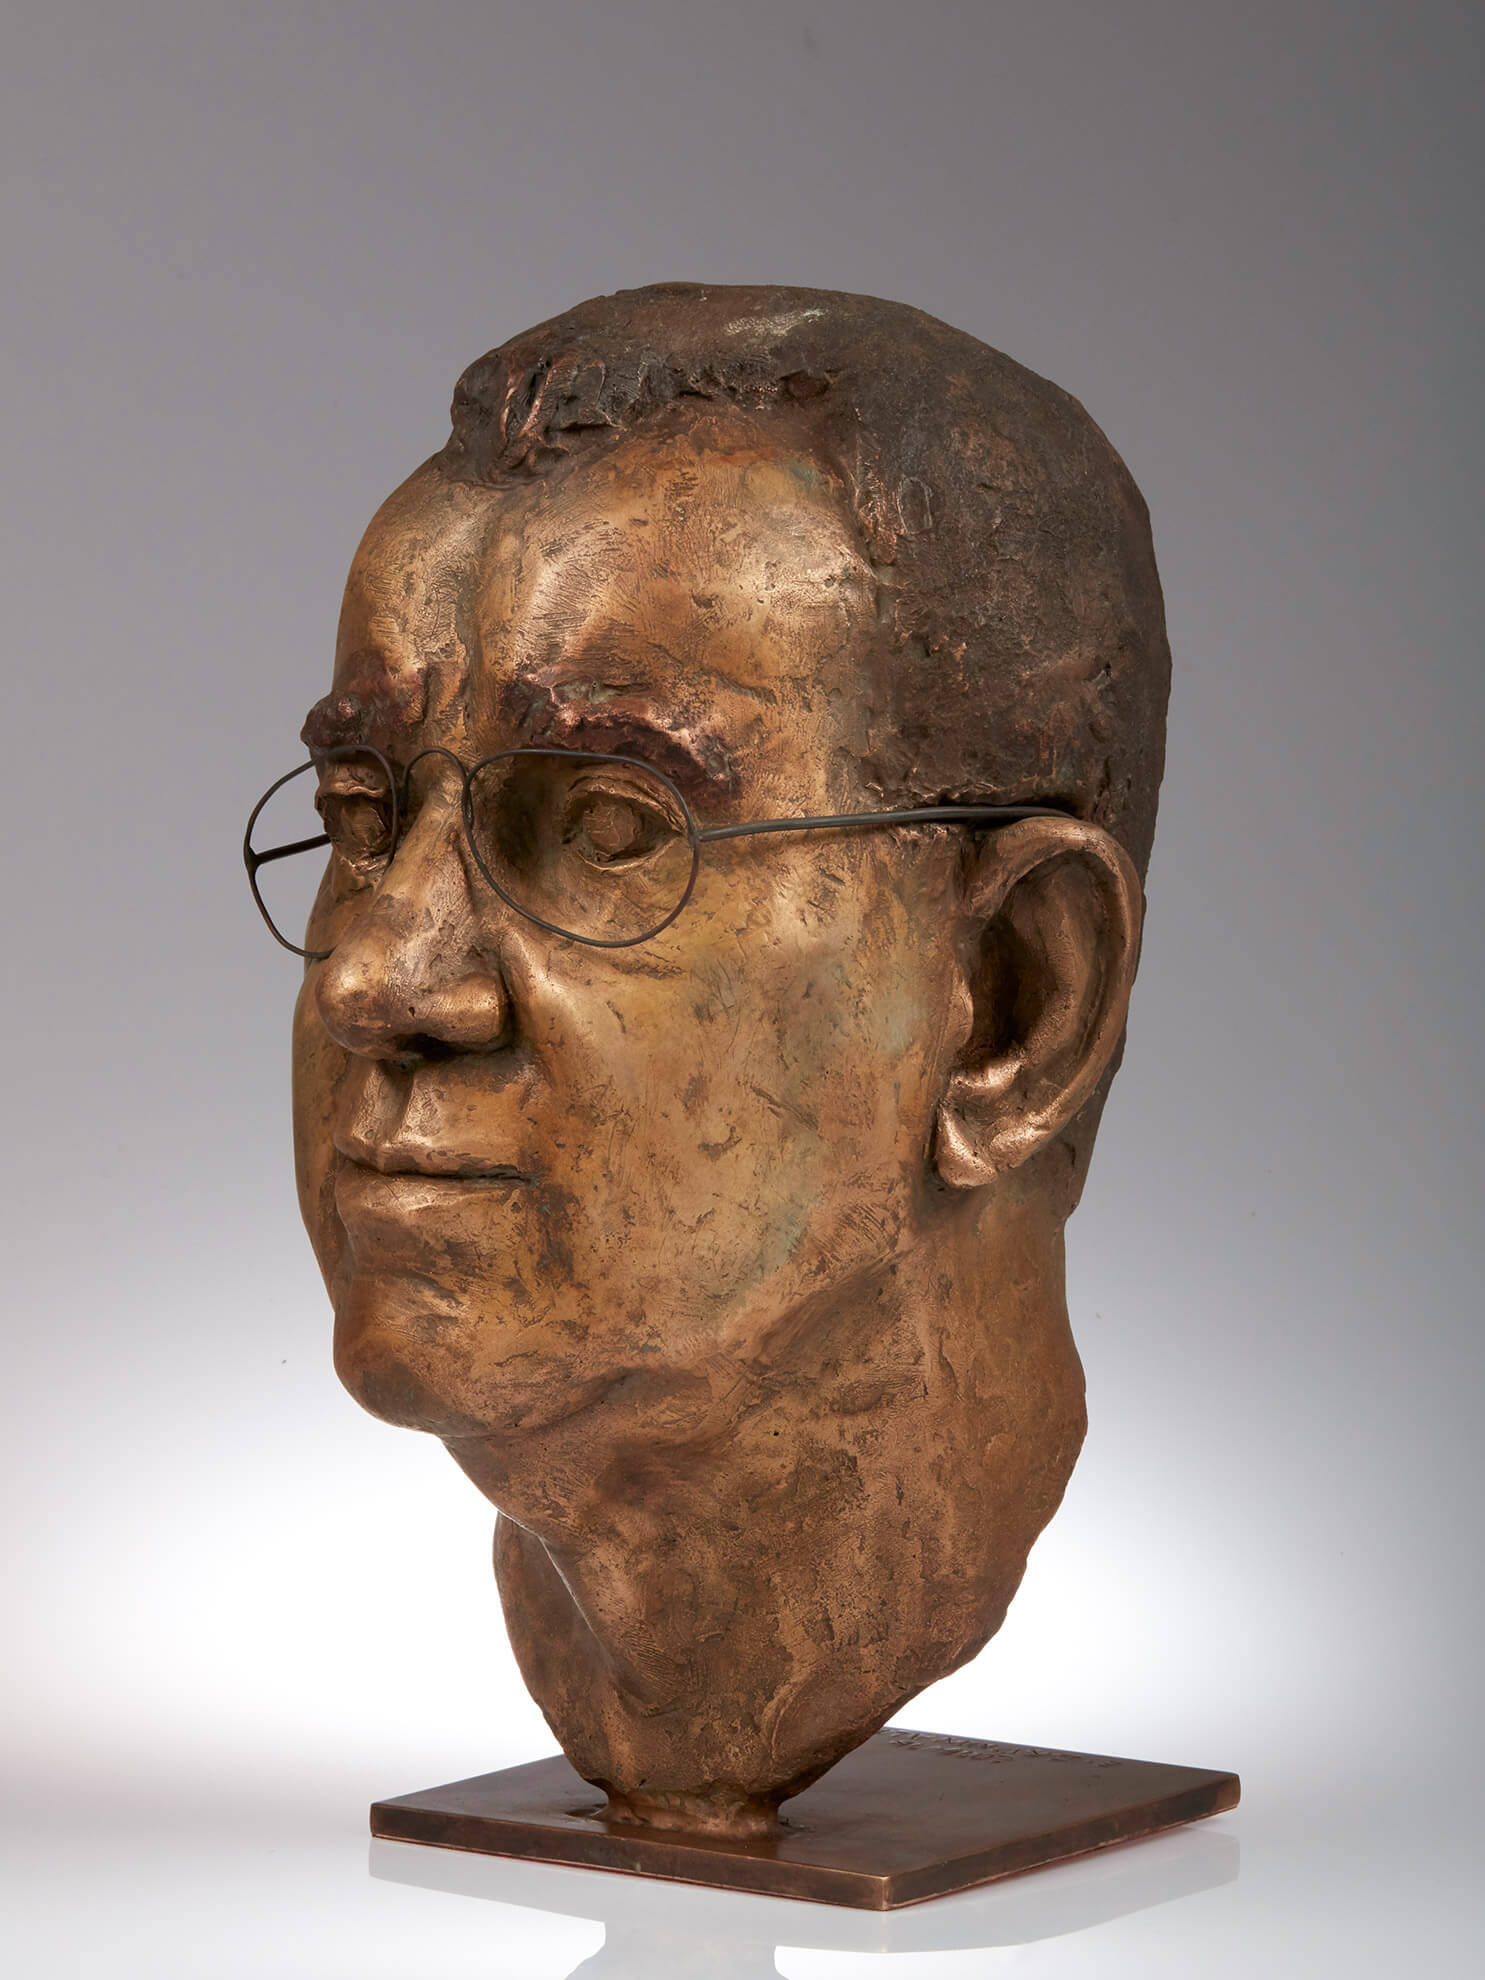 Hr. Huber, 2016, Bronze